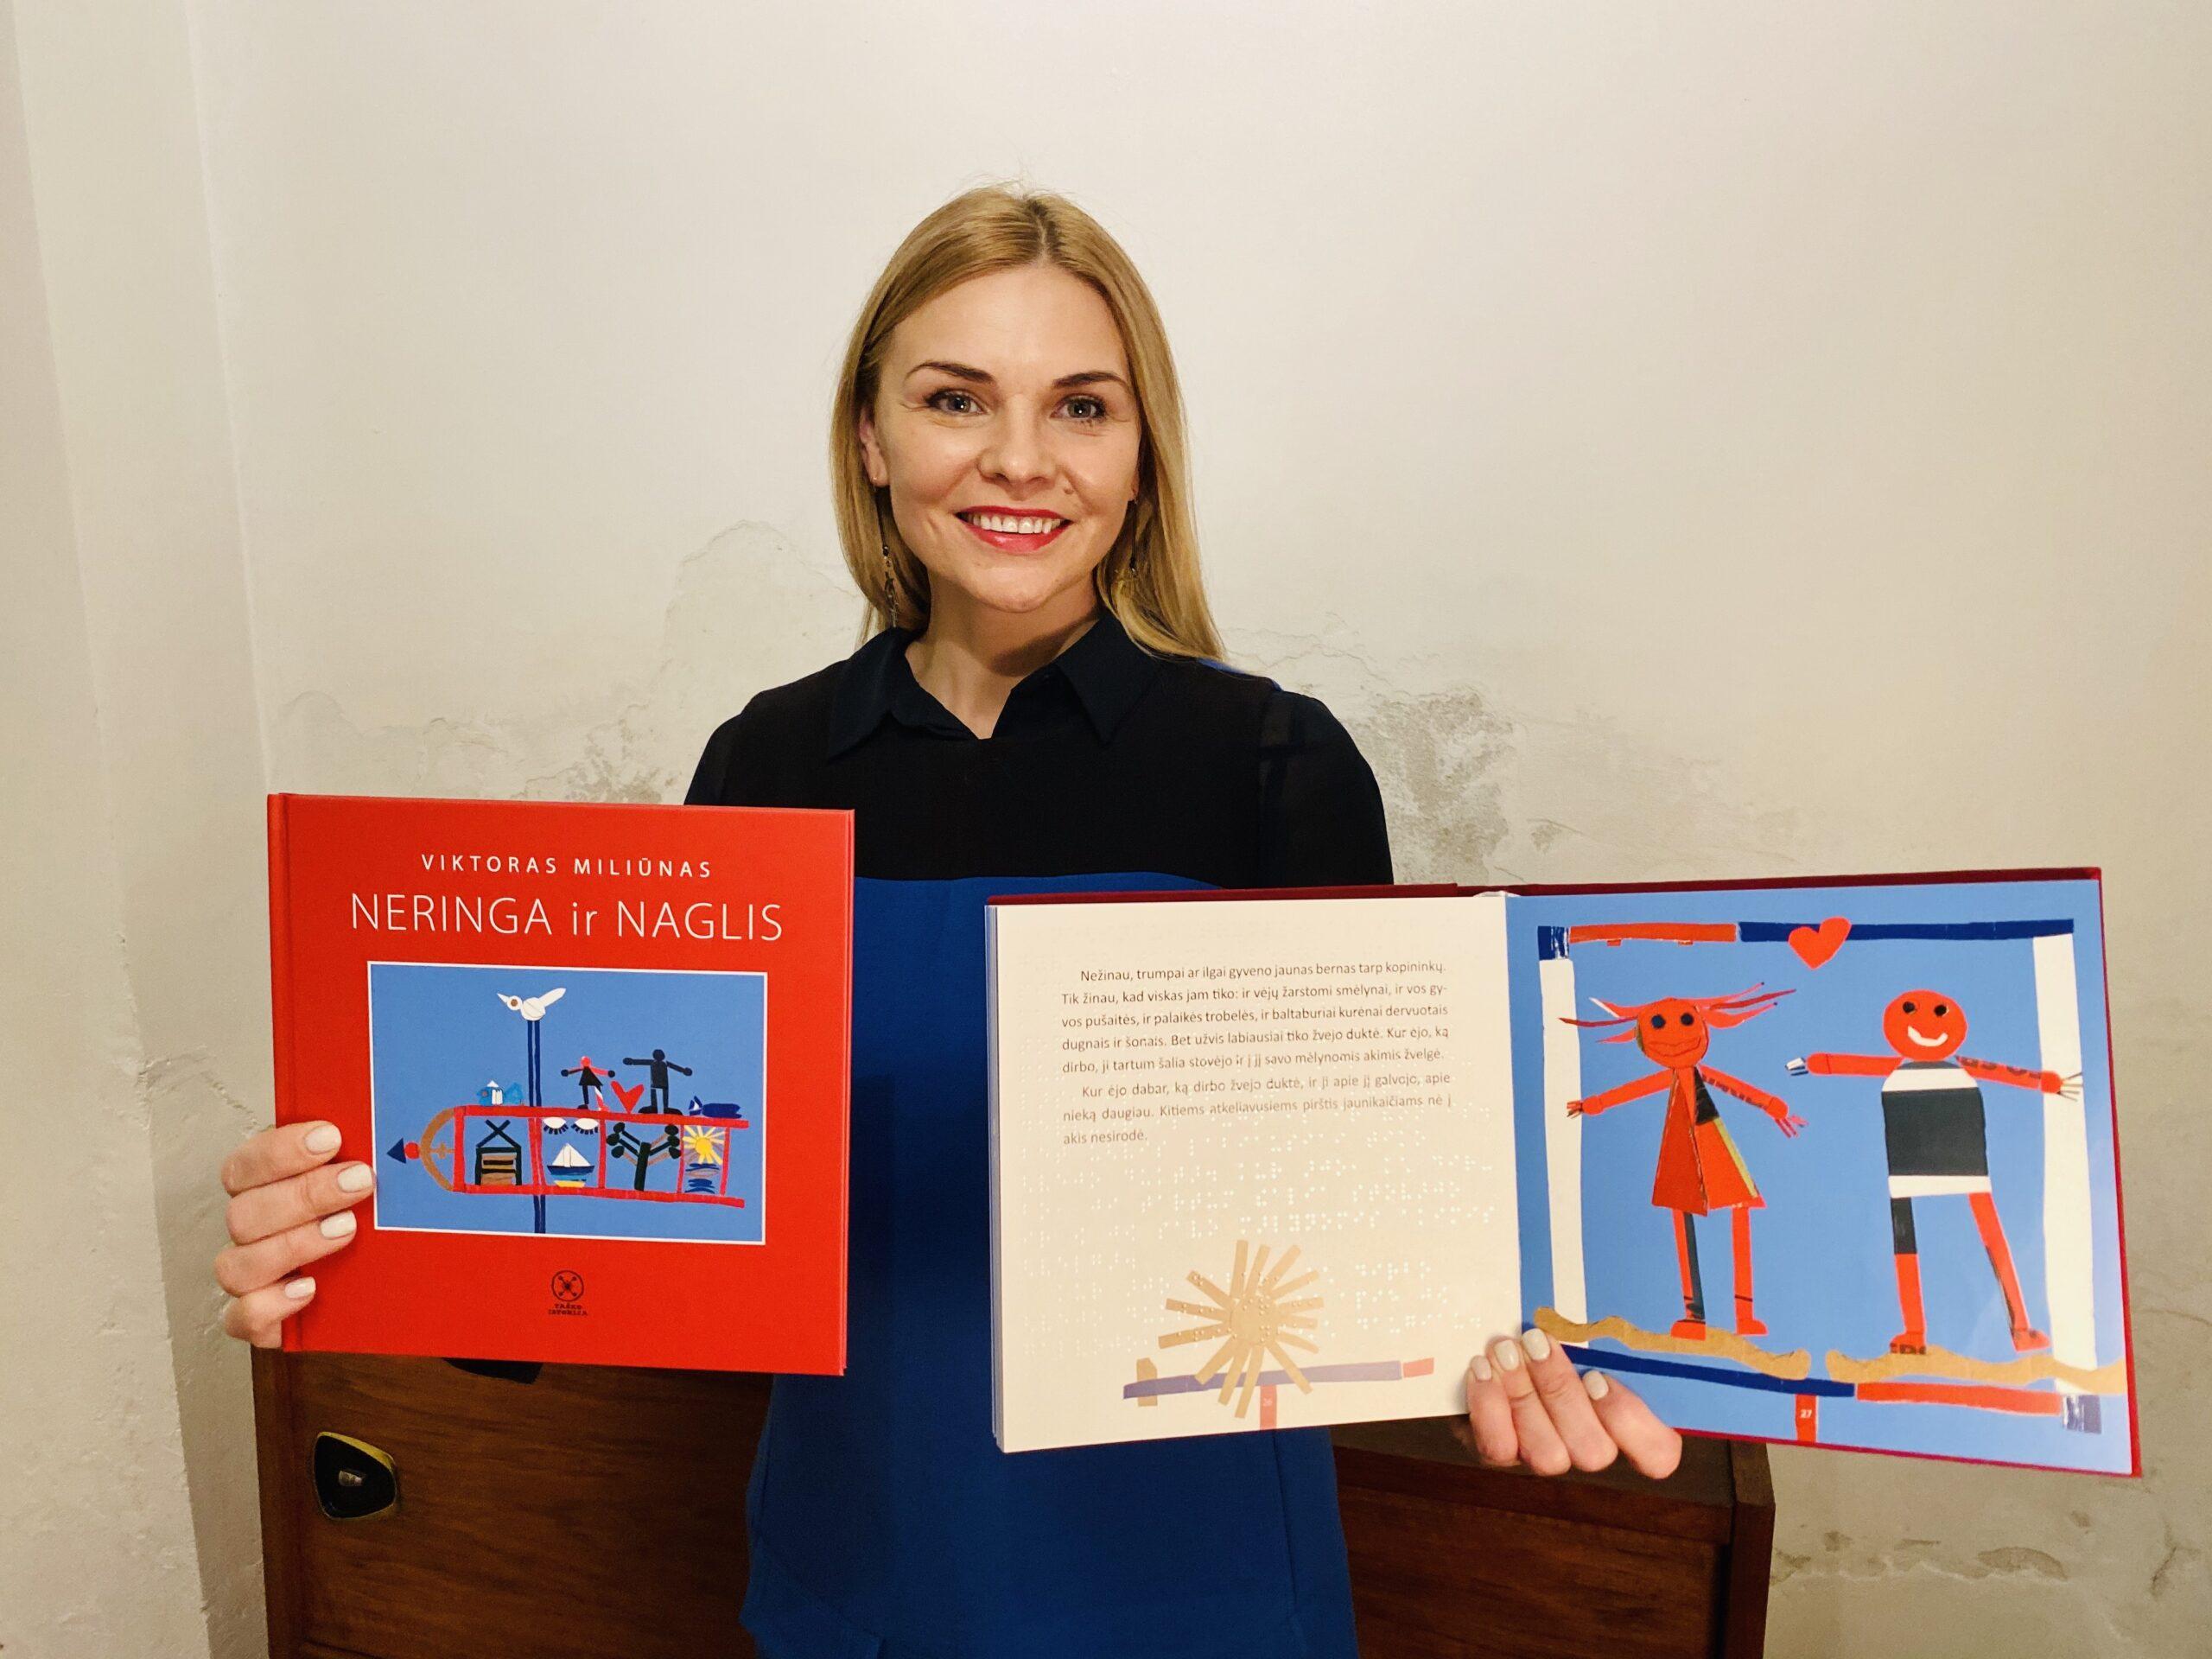 """Eglė Jokužytė šypsodamasi rankose laiko dvi knygas. Kairėje nuotraukos pusėje rankoje atsukta viršeliu knyga, kuri yra skirta tik regintiems vaikams. Viršelyje baltomis raidėmis užrašyta: Viktoras Miliūnas """"Neringa ir Naglis"""" – ir viduryje Reinoldo Kelpšos iliustracija su vėtrungės vaizdu. Kitoje rankoje atversta knyga, pritaikyta ir neregiams. Viename puslapyje tekstas, parašytas reginčiųjų ir Brailio raštu, kitoje pusėje – iliustracija su Neringos ir Naglio personažais, tarp jų fone širdis."""